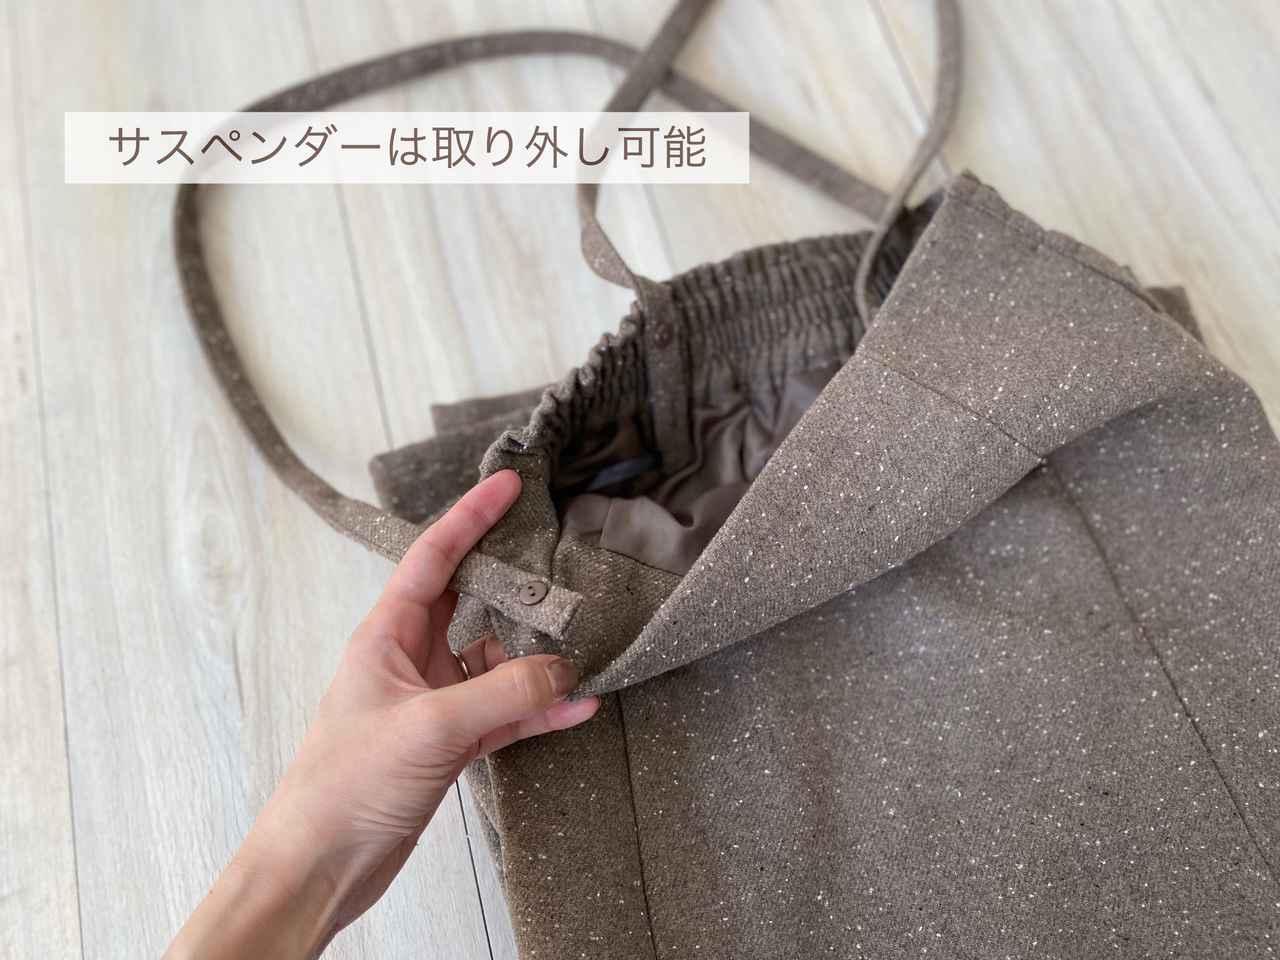 画像4: 【しまむら】争奪戦!?本日発売の新作を1万円分購入!【広告の品】